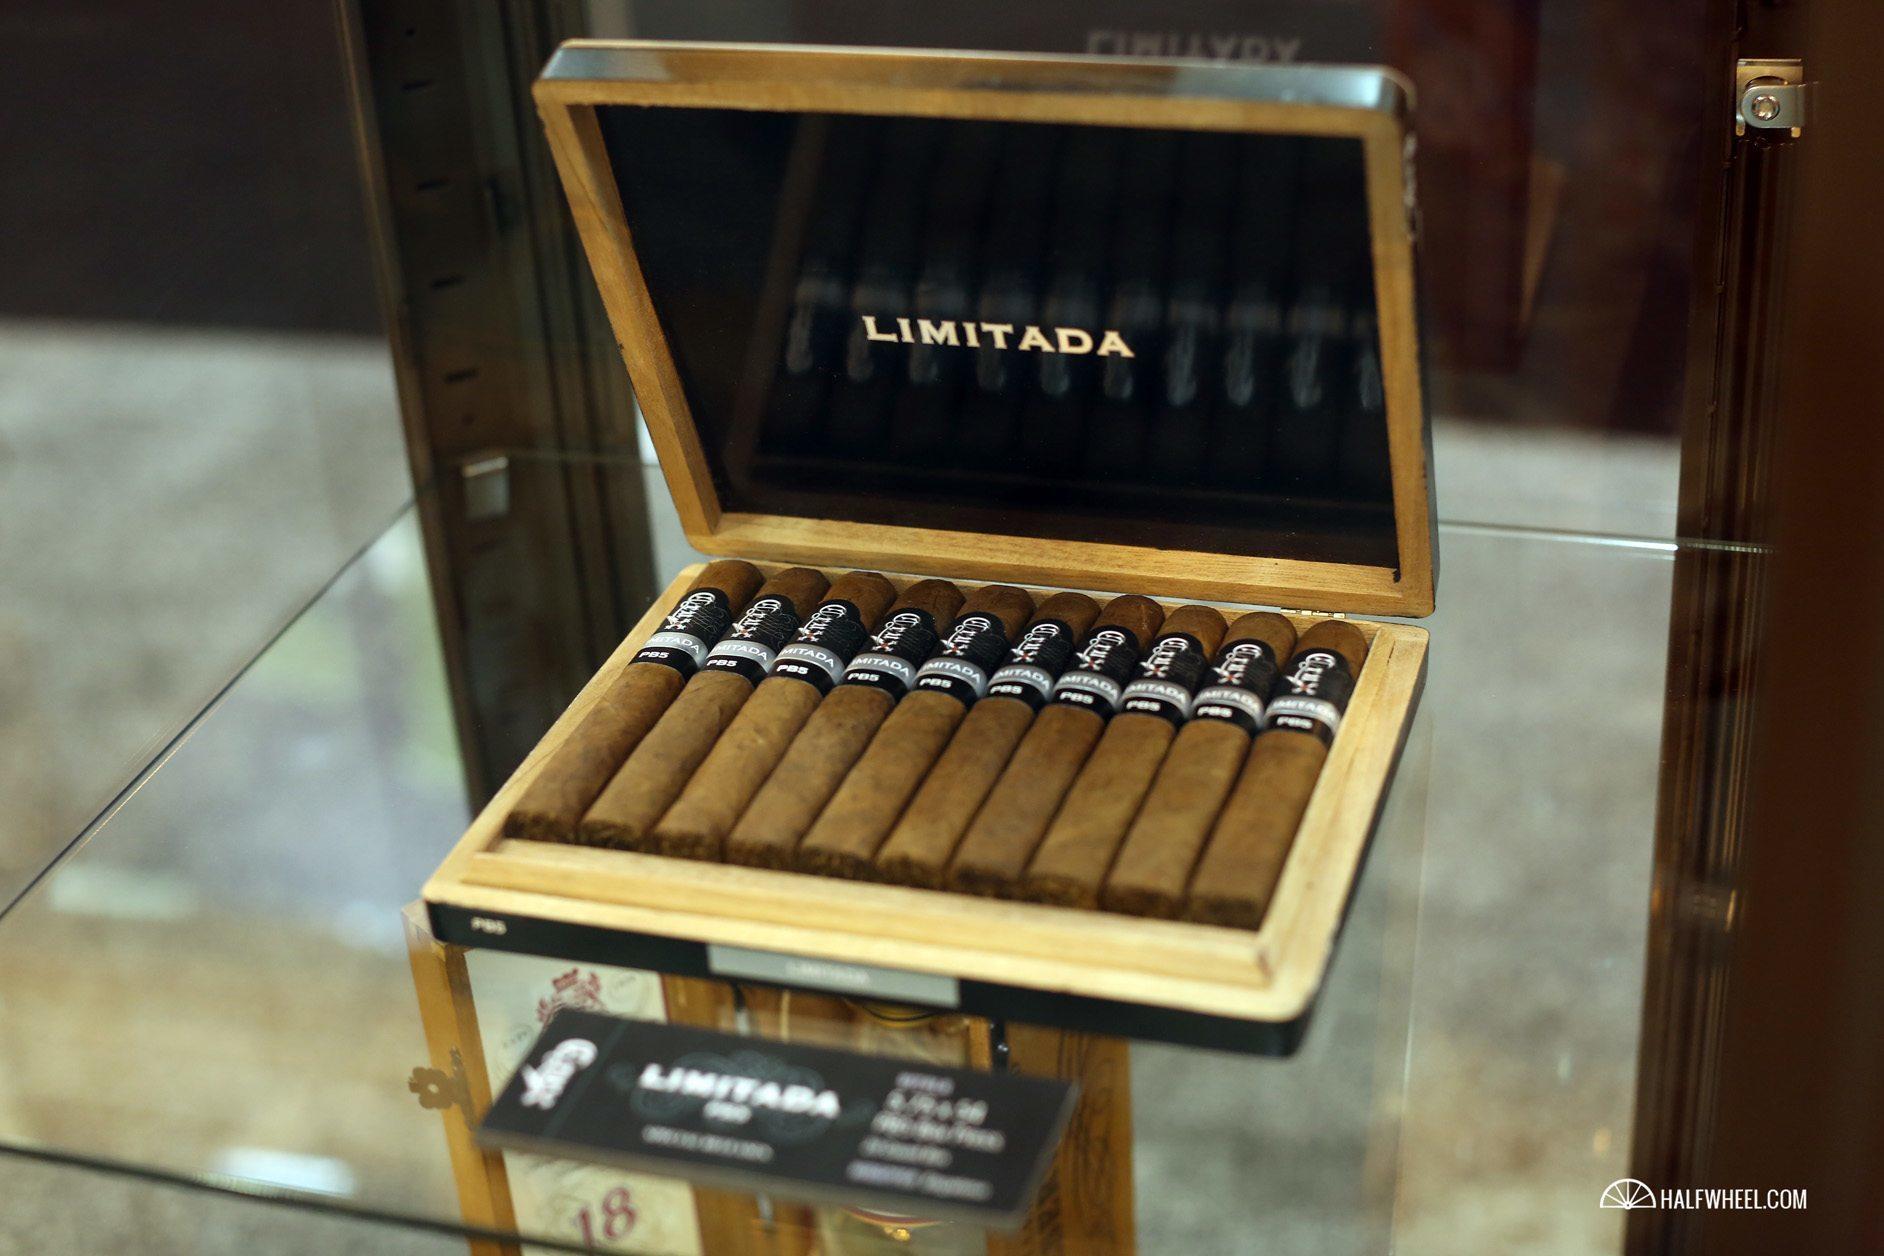 Crux Cigars Limitada 1